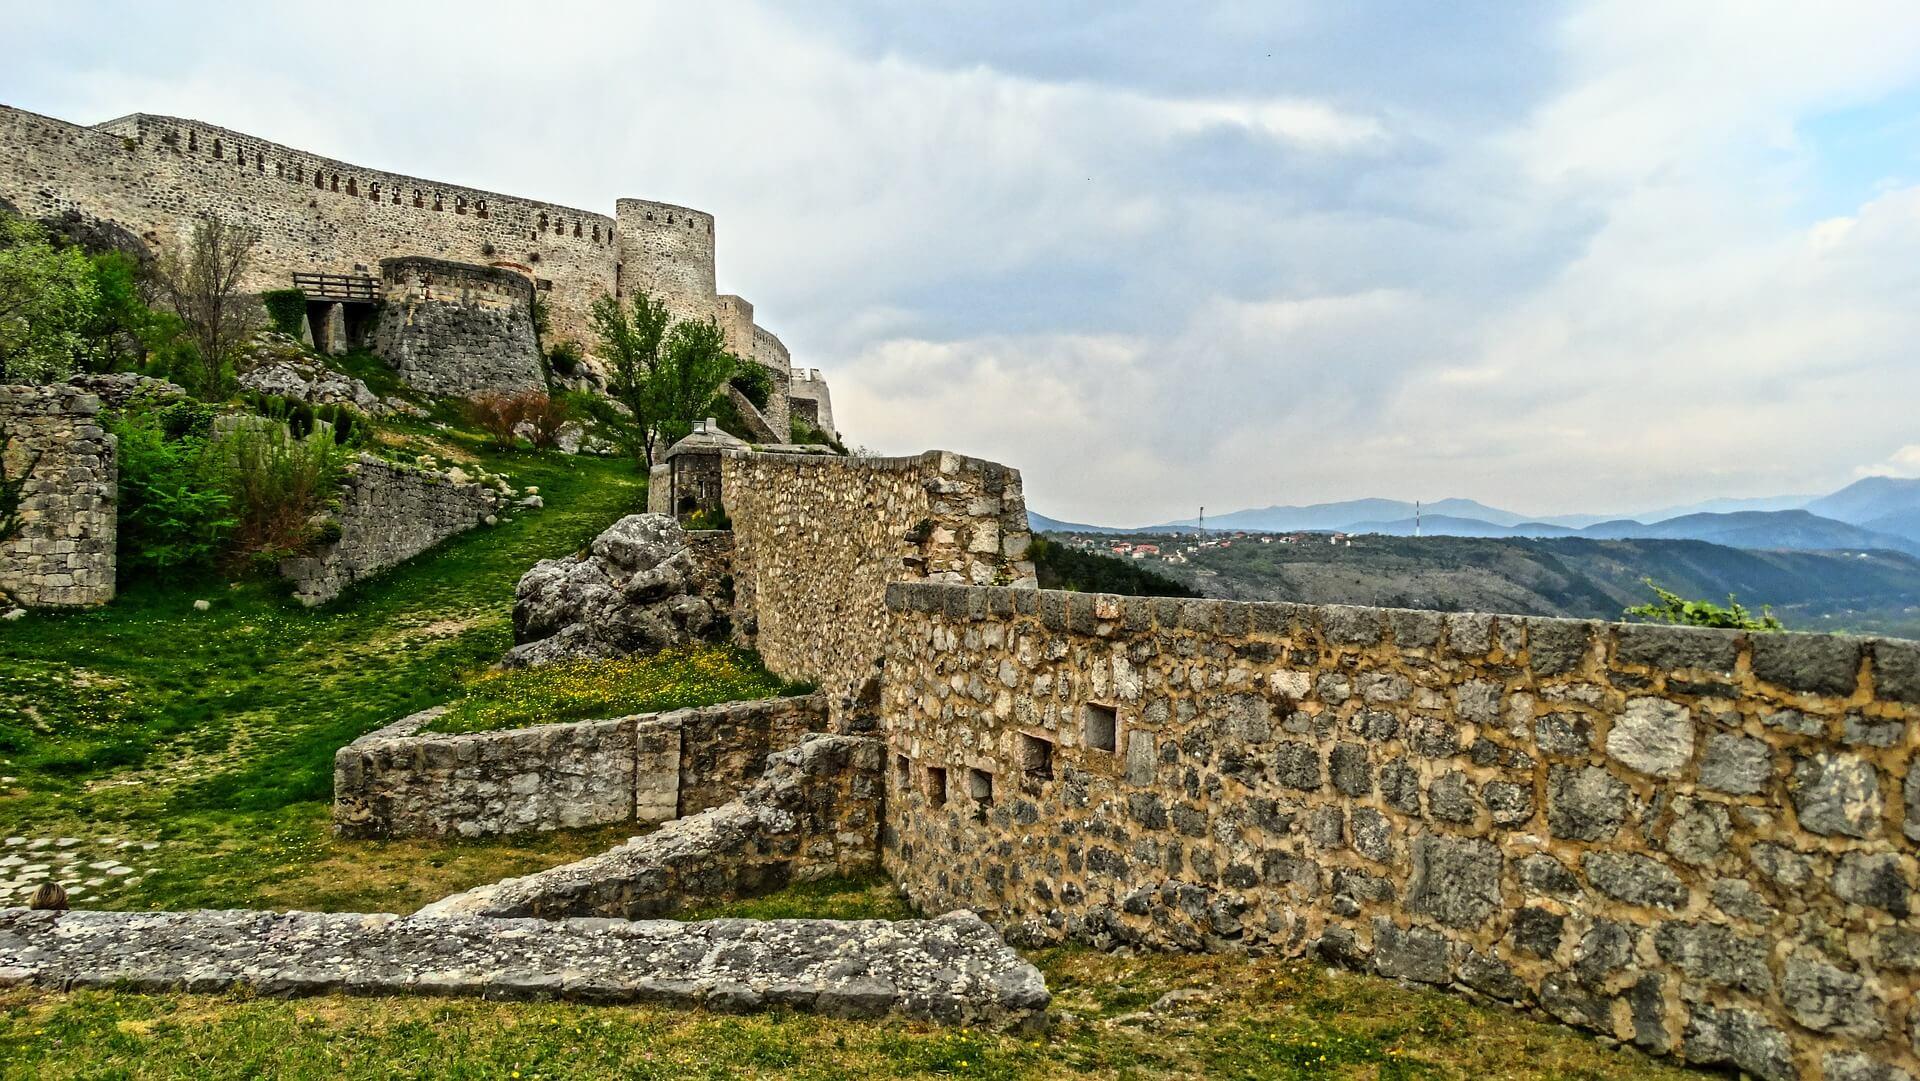 [FOTO] Znate li prepoznati najveću fortifikacijsku utvrdu u Dalmaciji?